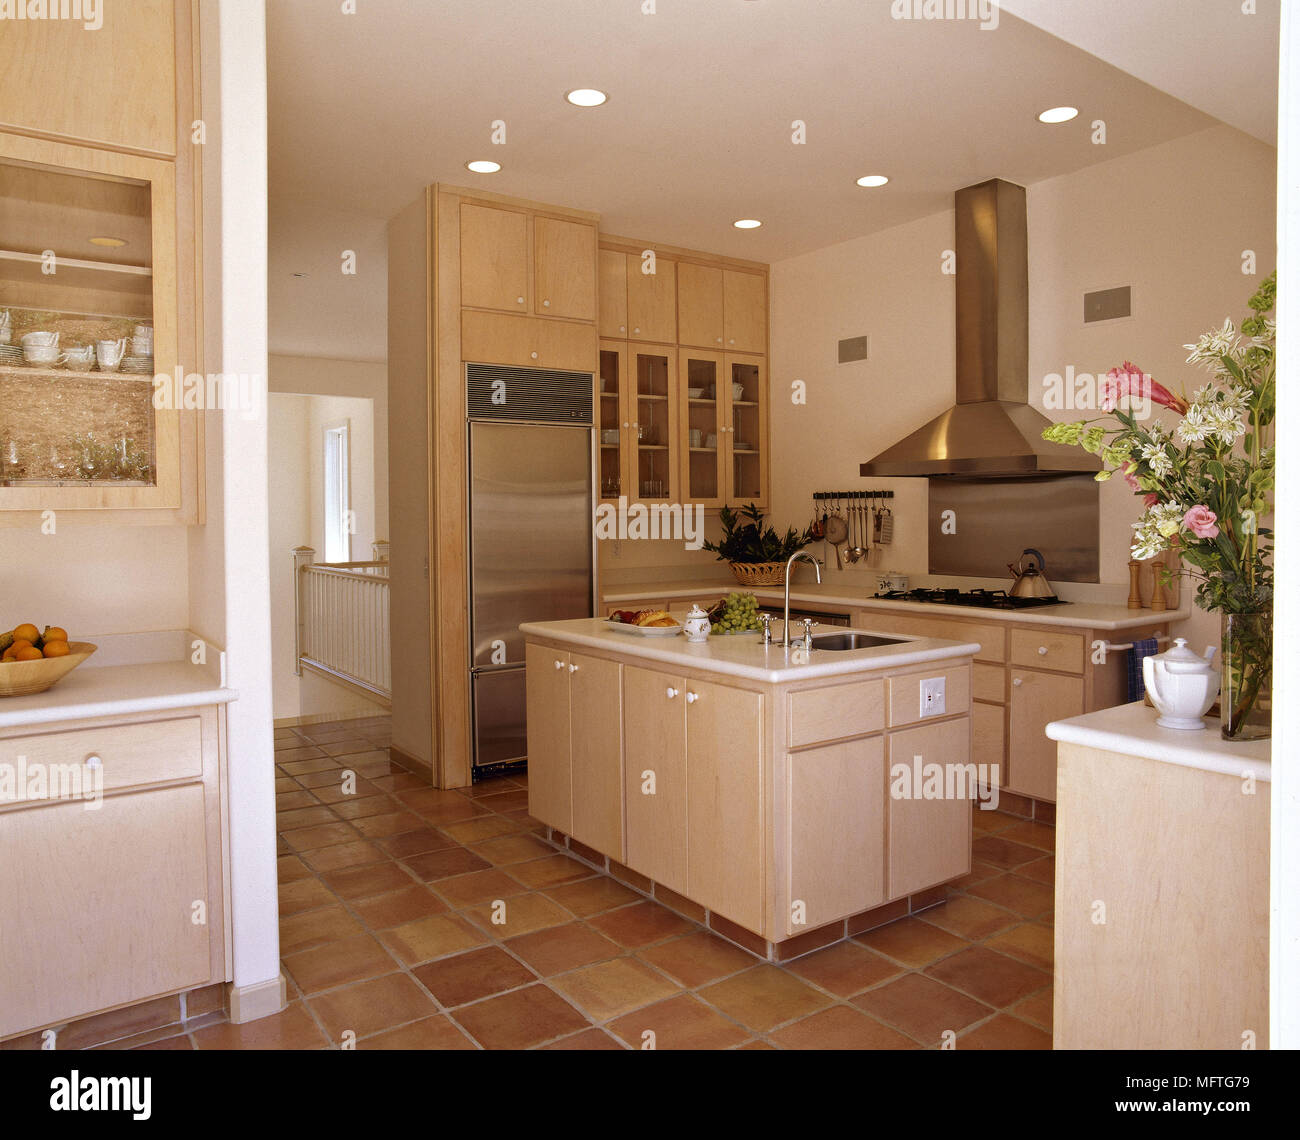 Berühmt Moderne Küche zentrale Insel Einheit Holz Einheiten Fliesenboden RX65